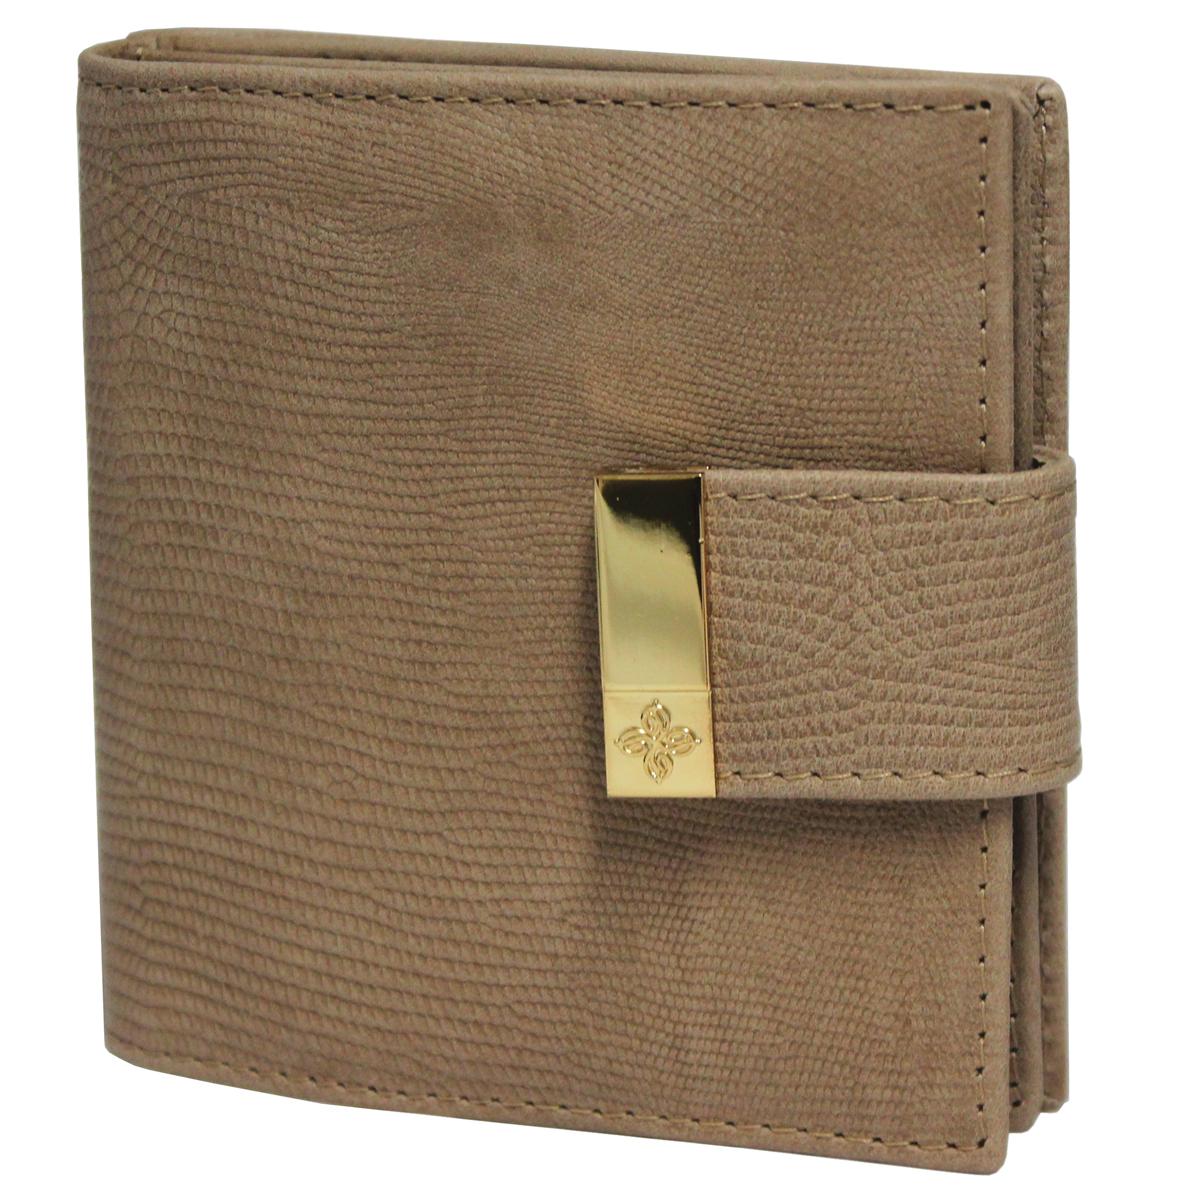 Кошелек женский Dimanche Elite Beige, цвет: бежевый. 241241Женский компактный кошелек Elite Beigel выполнен из натуральной высококачественной кожи с декоративным тиснением. Кошелек состоит из двух отделений. Первое отделение закрывается на магнитную кнопку, имеет четыре кармашка для кредиток и карман для монет с клапаном на кнопке. Второе отделение также закрывается на магнитную кнопку и содержит два кармана для купюр. Между отделениями также предусмотрен кармашек. Кошелек упакован в фирменную картонную коробку.